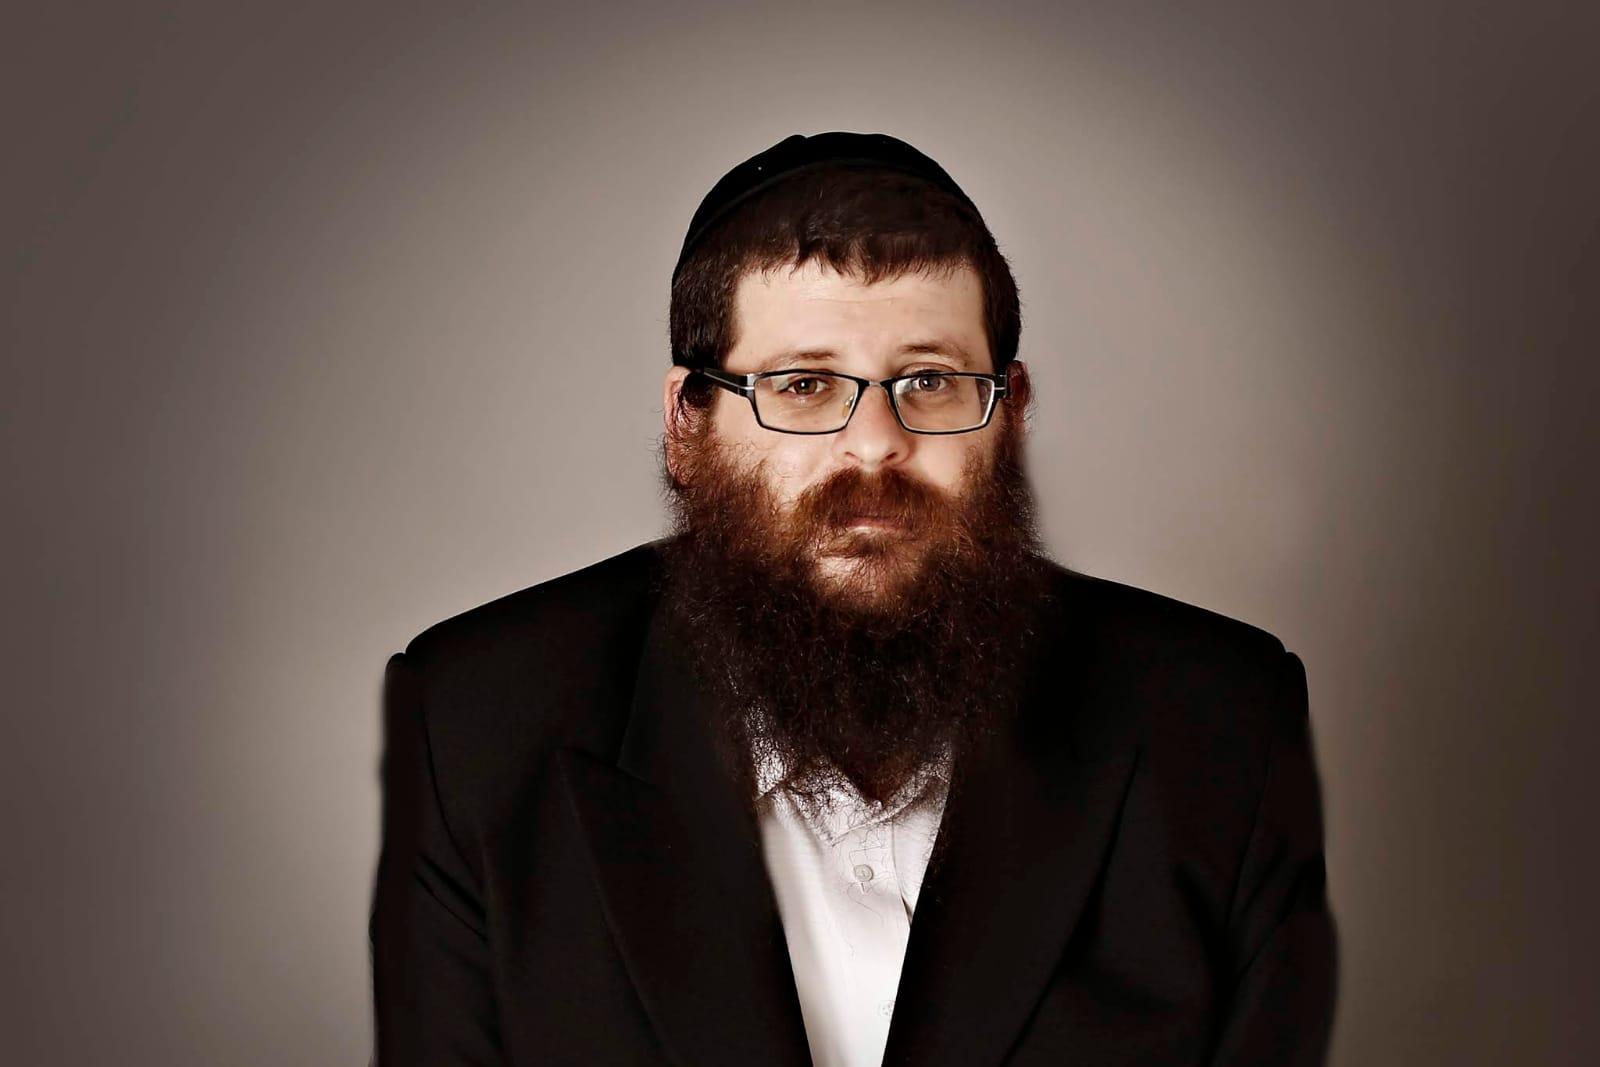 תמונה מוטי וינשטוק עורך בקהילה